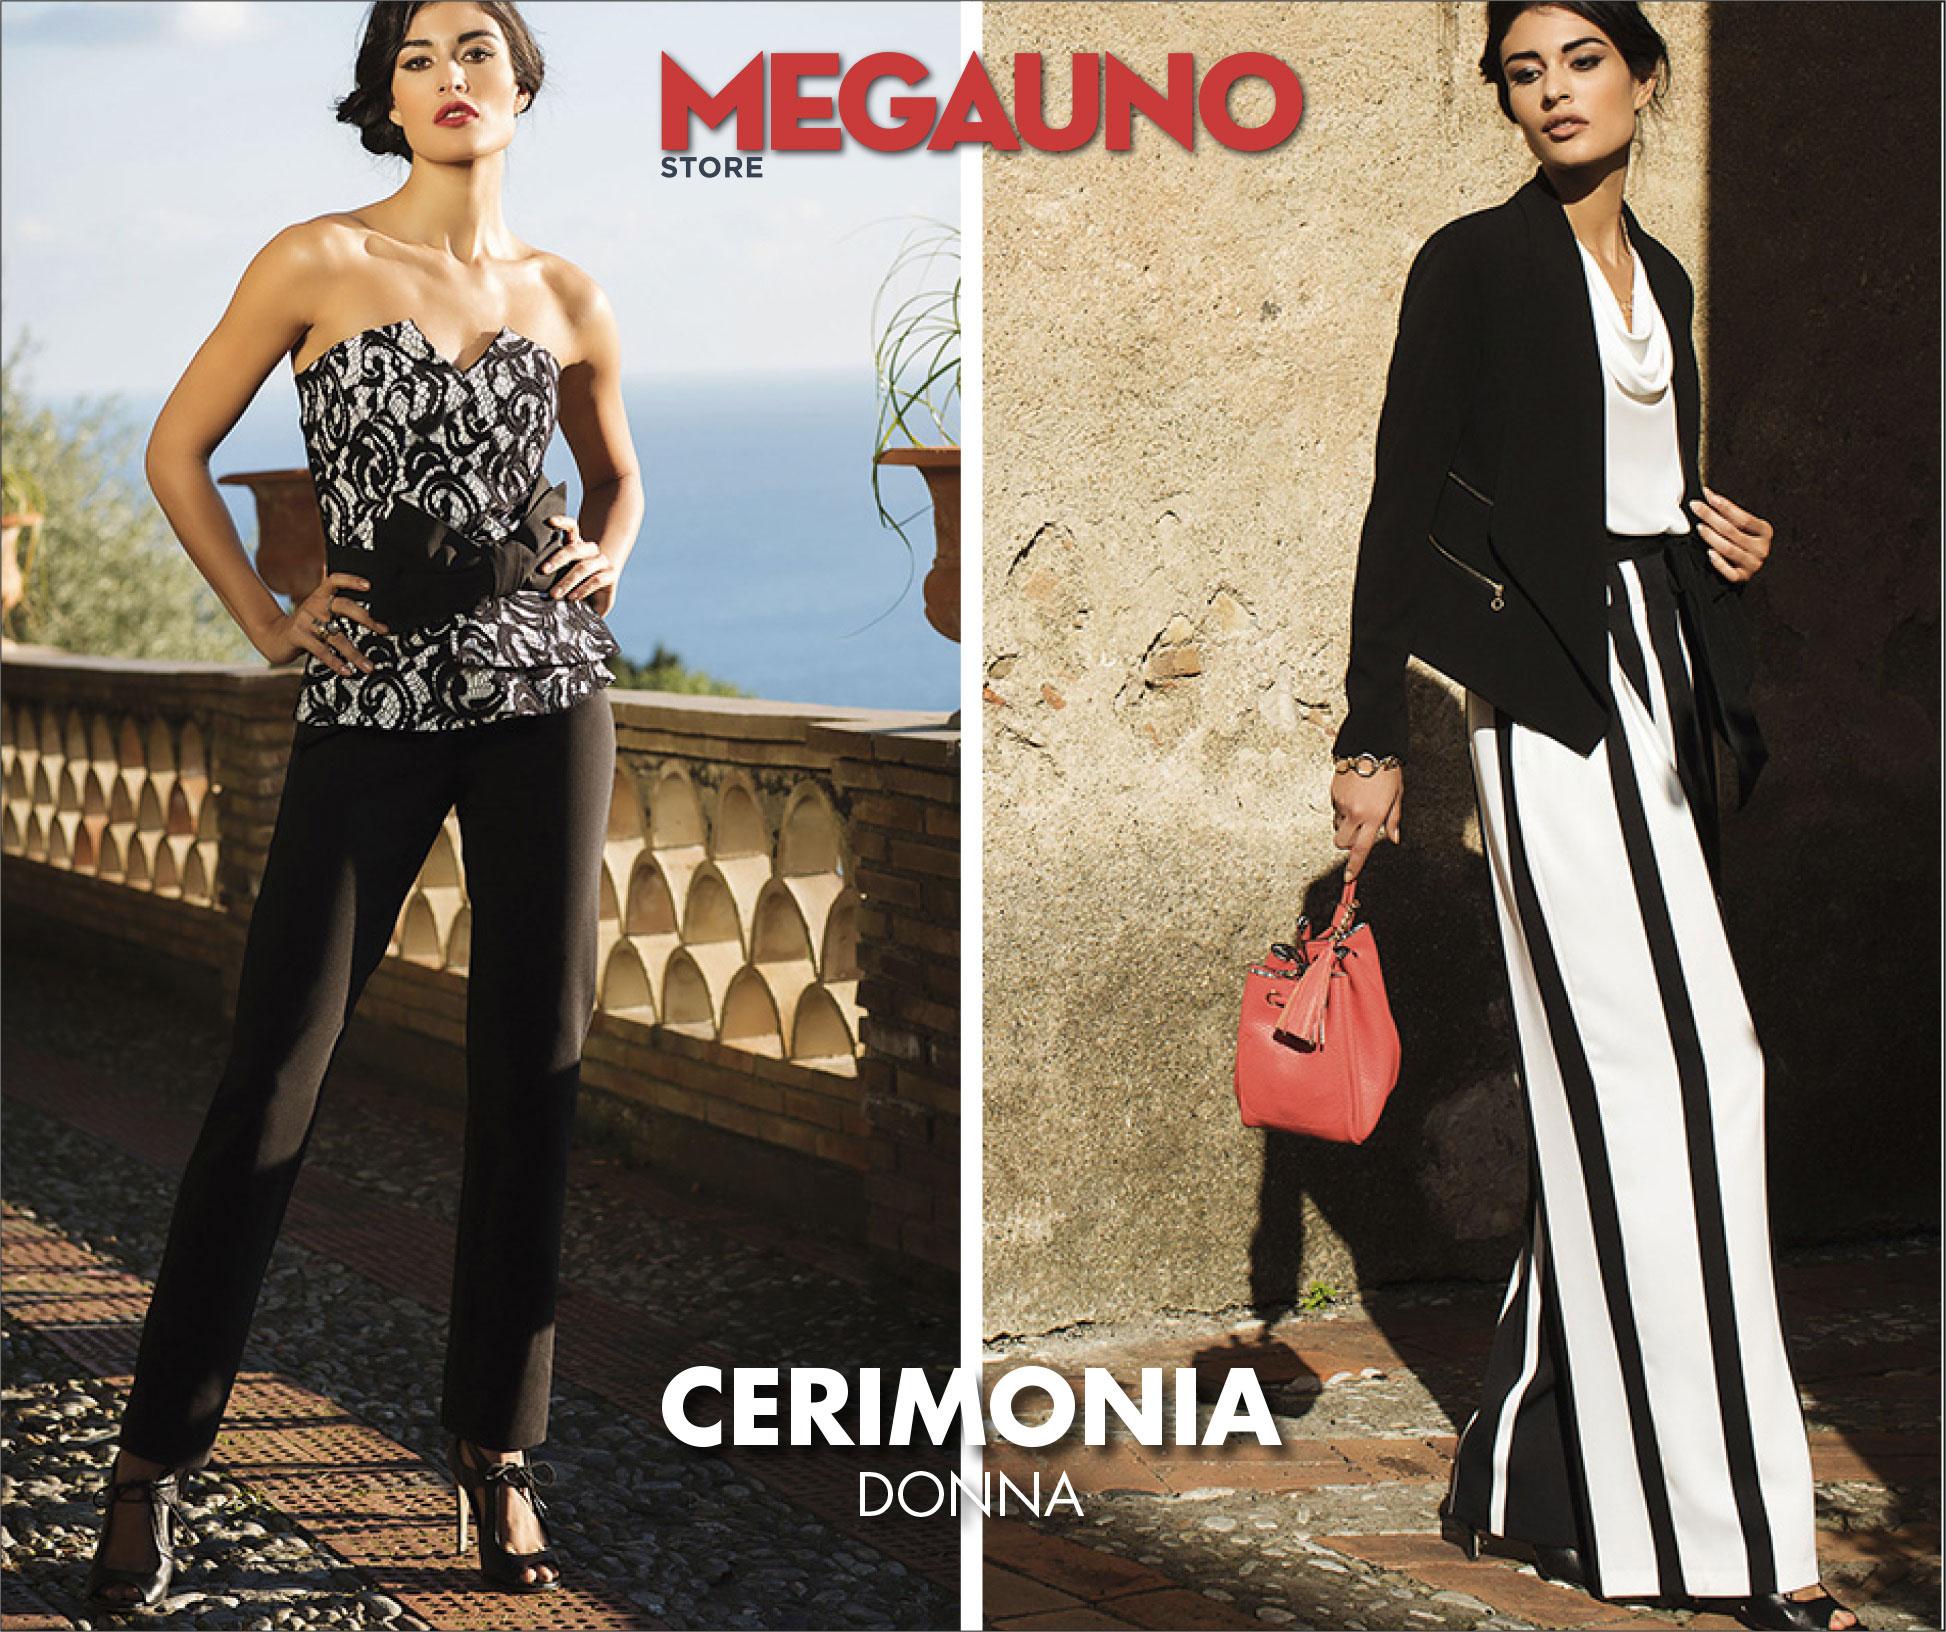 Scopri le proposte per la cerimonia primavera estate 2016 for Megauno civitanova arredamento